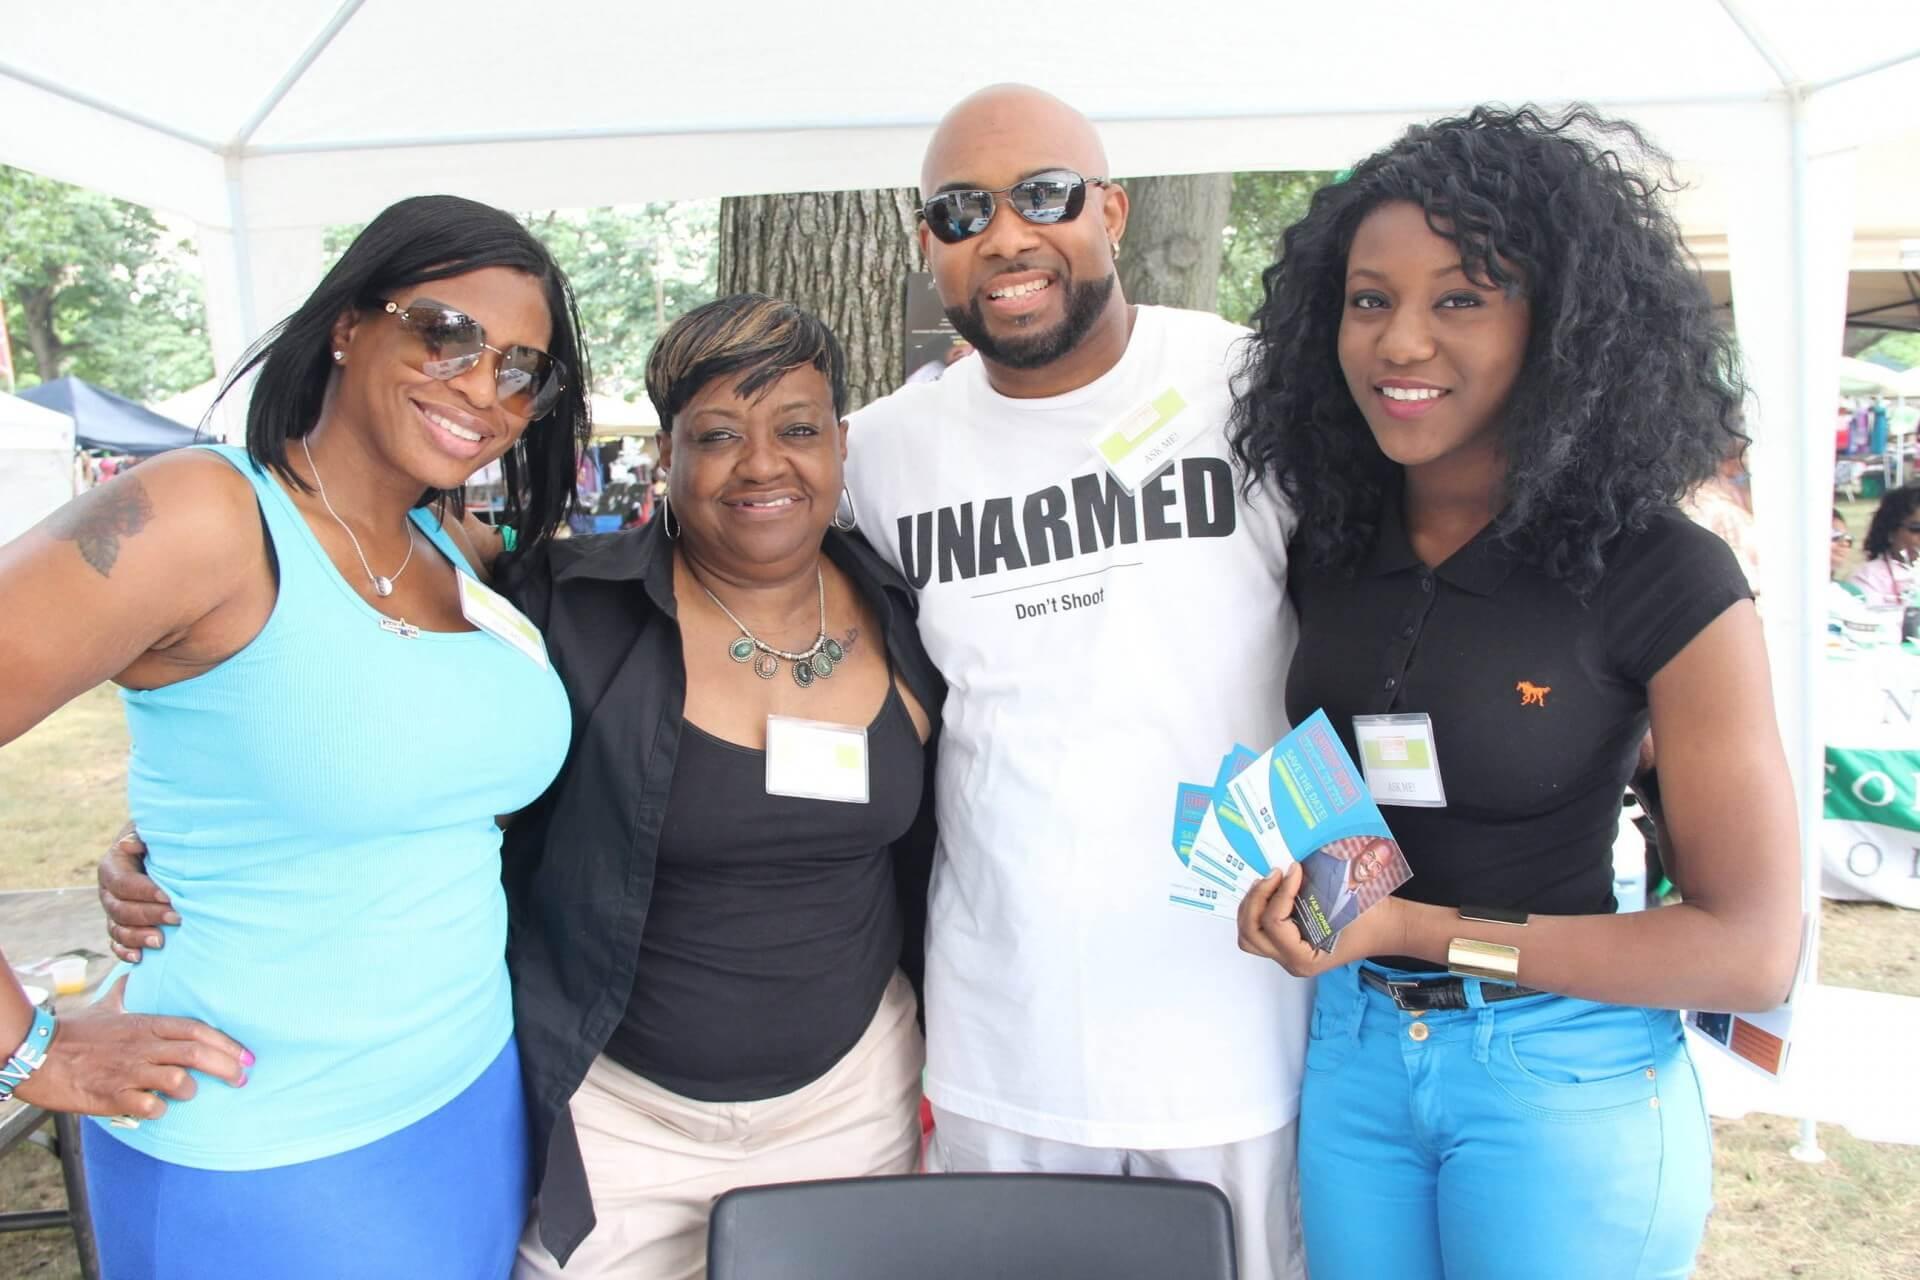 Leadership Newark Rocks The Lincoln Park Music Festival – Written By: Kim J. Ford